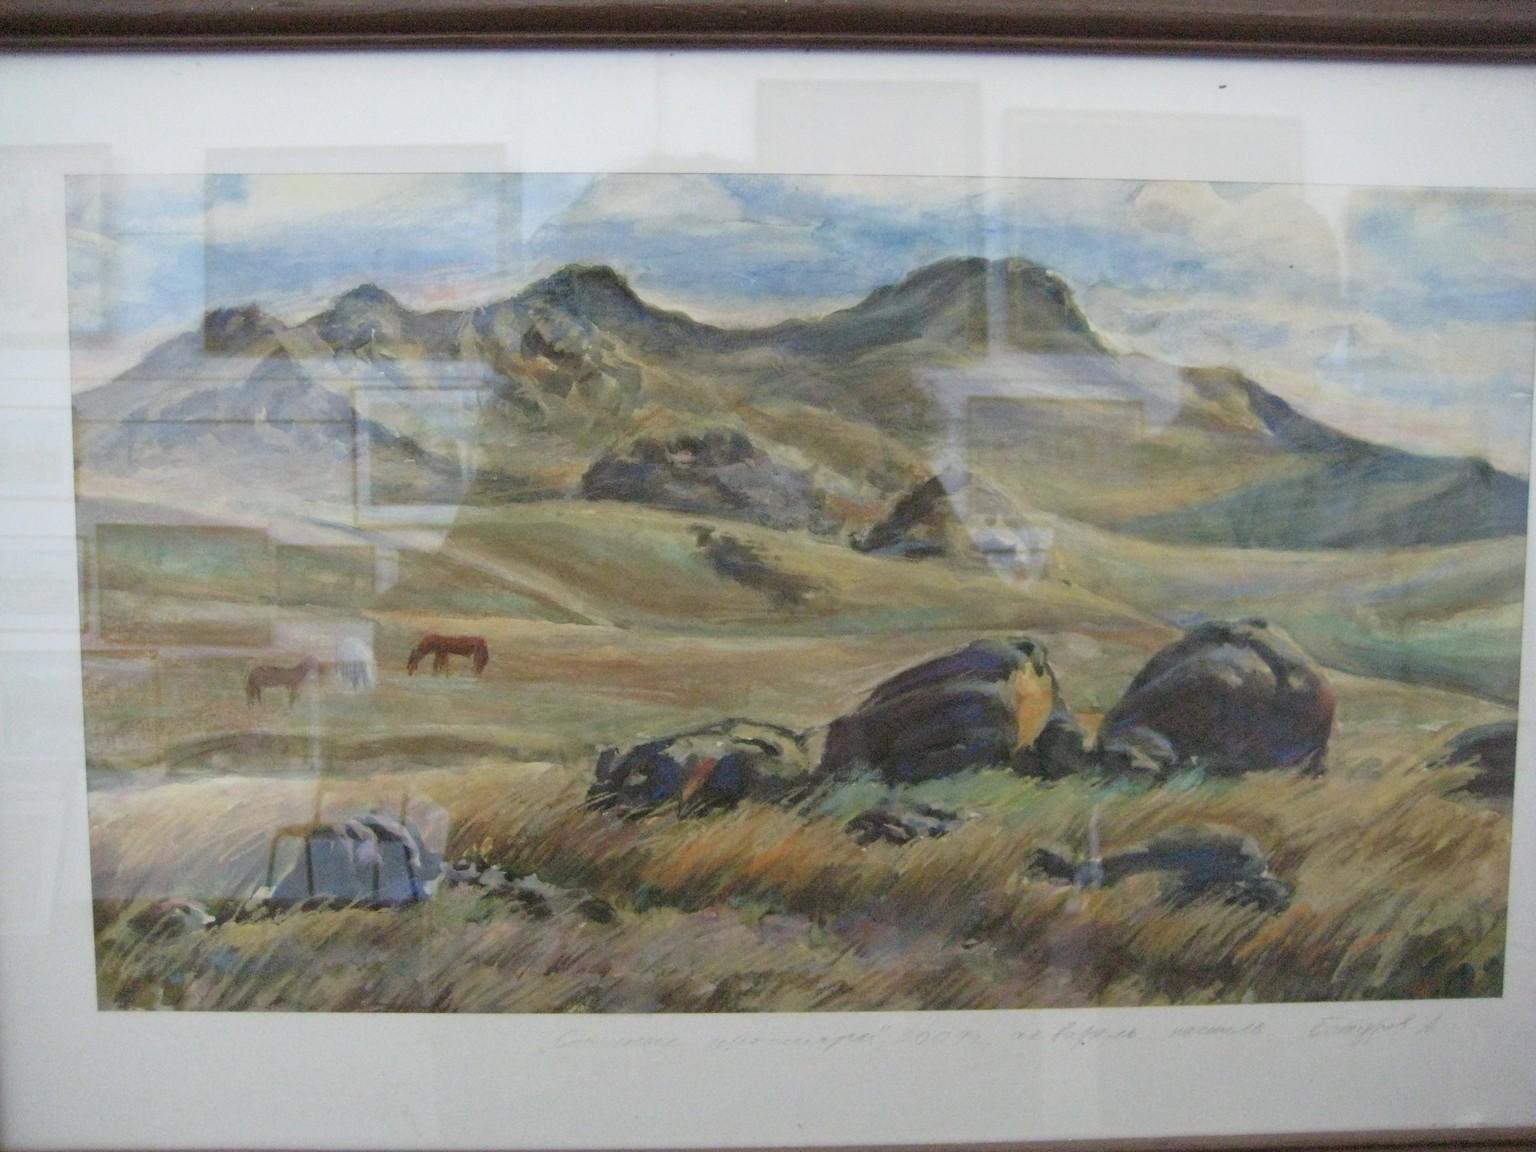 Тугнуйская долина Бумага аквар пастель 33х56 6000 руб